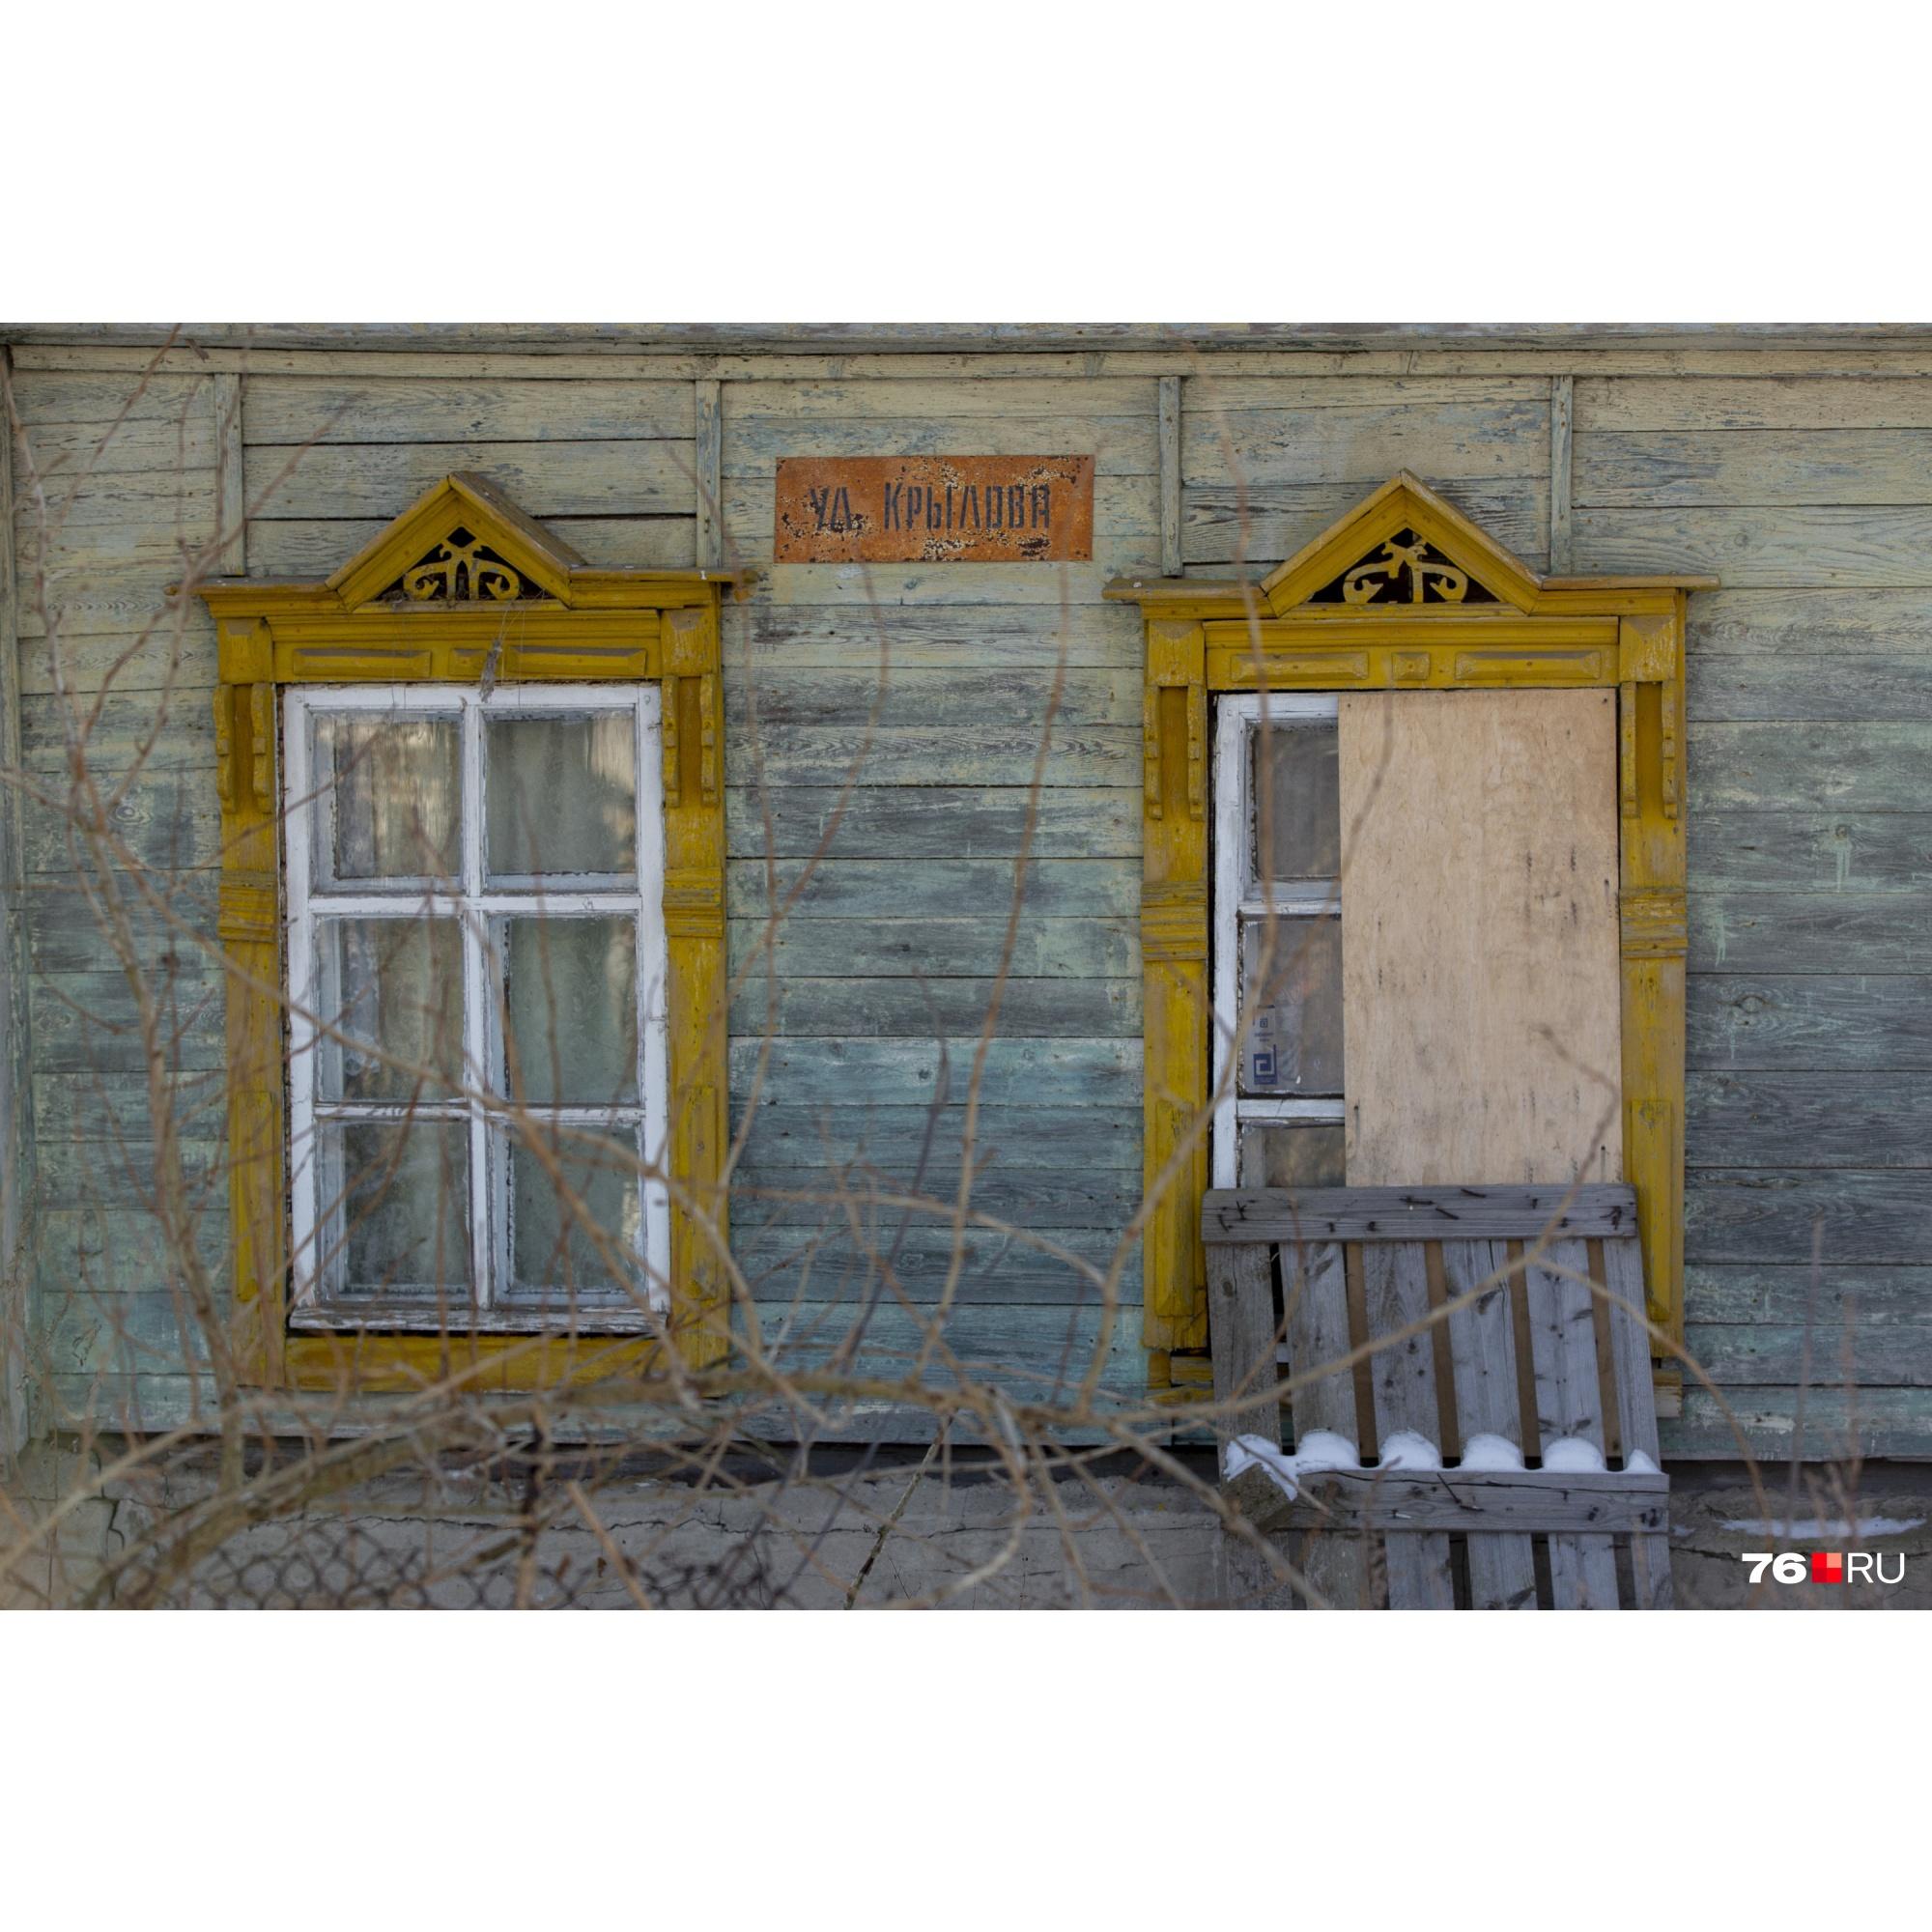 Многие домики здесь уже доживают свой век